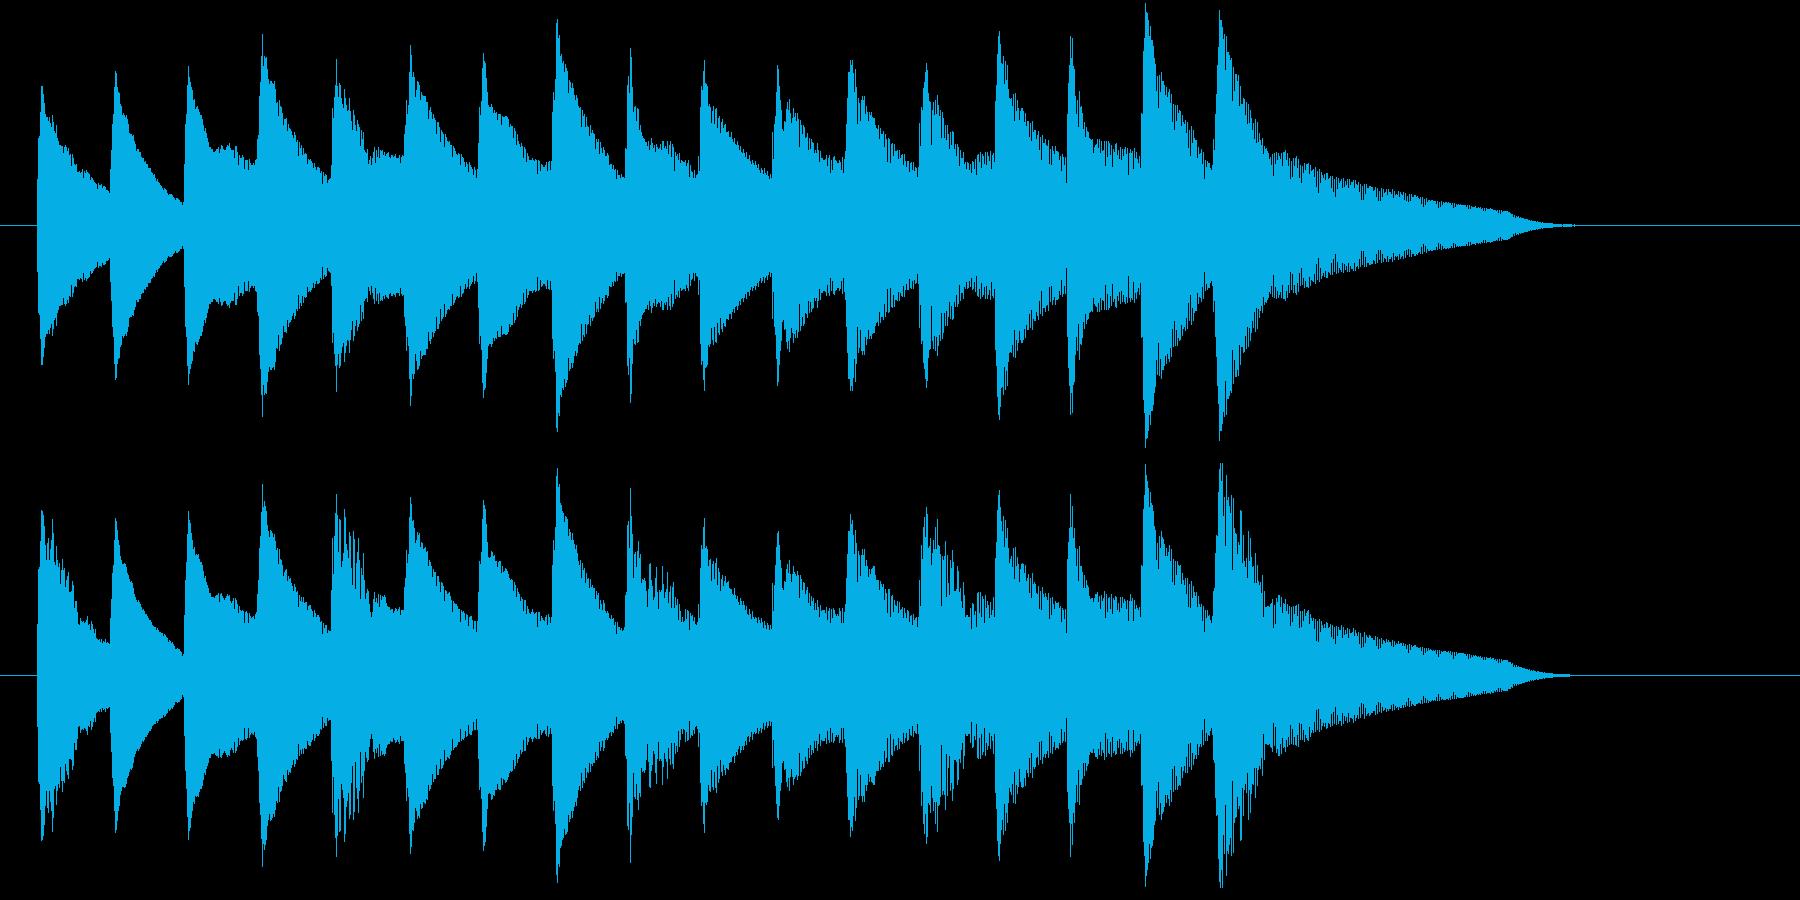 失敗したときに流れてきそうなジングルの再生済みの波形